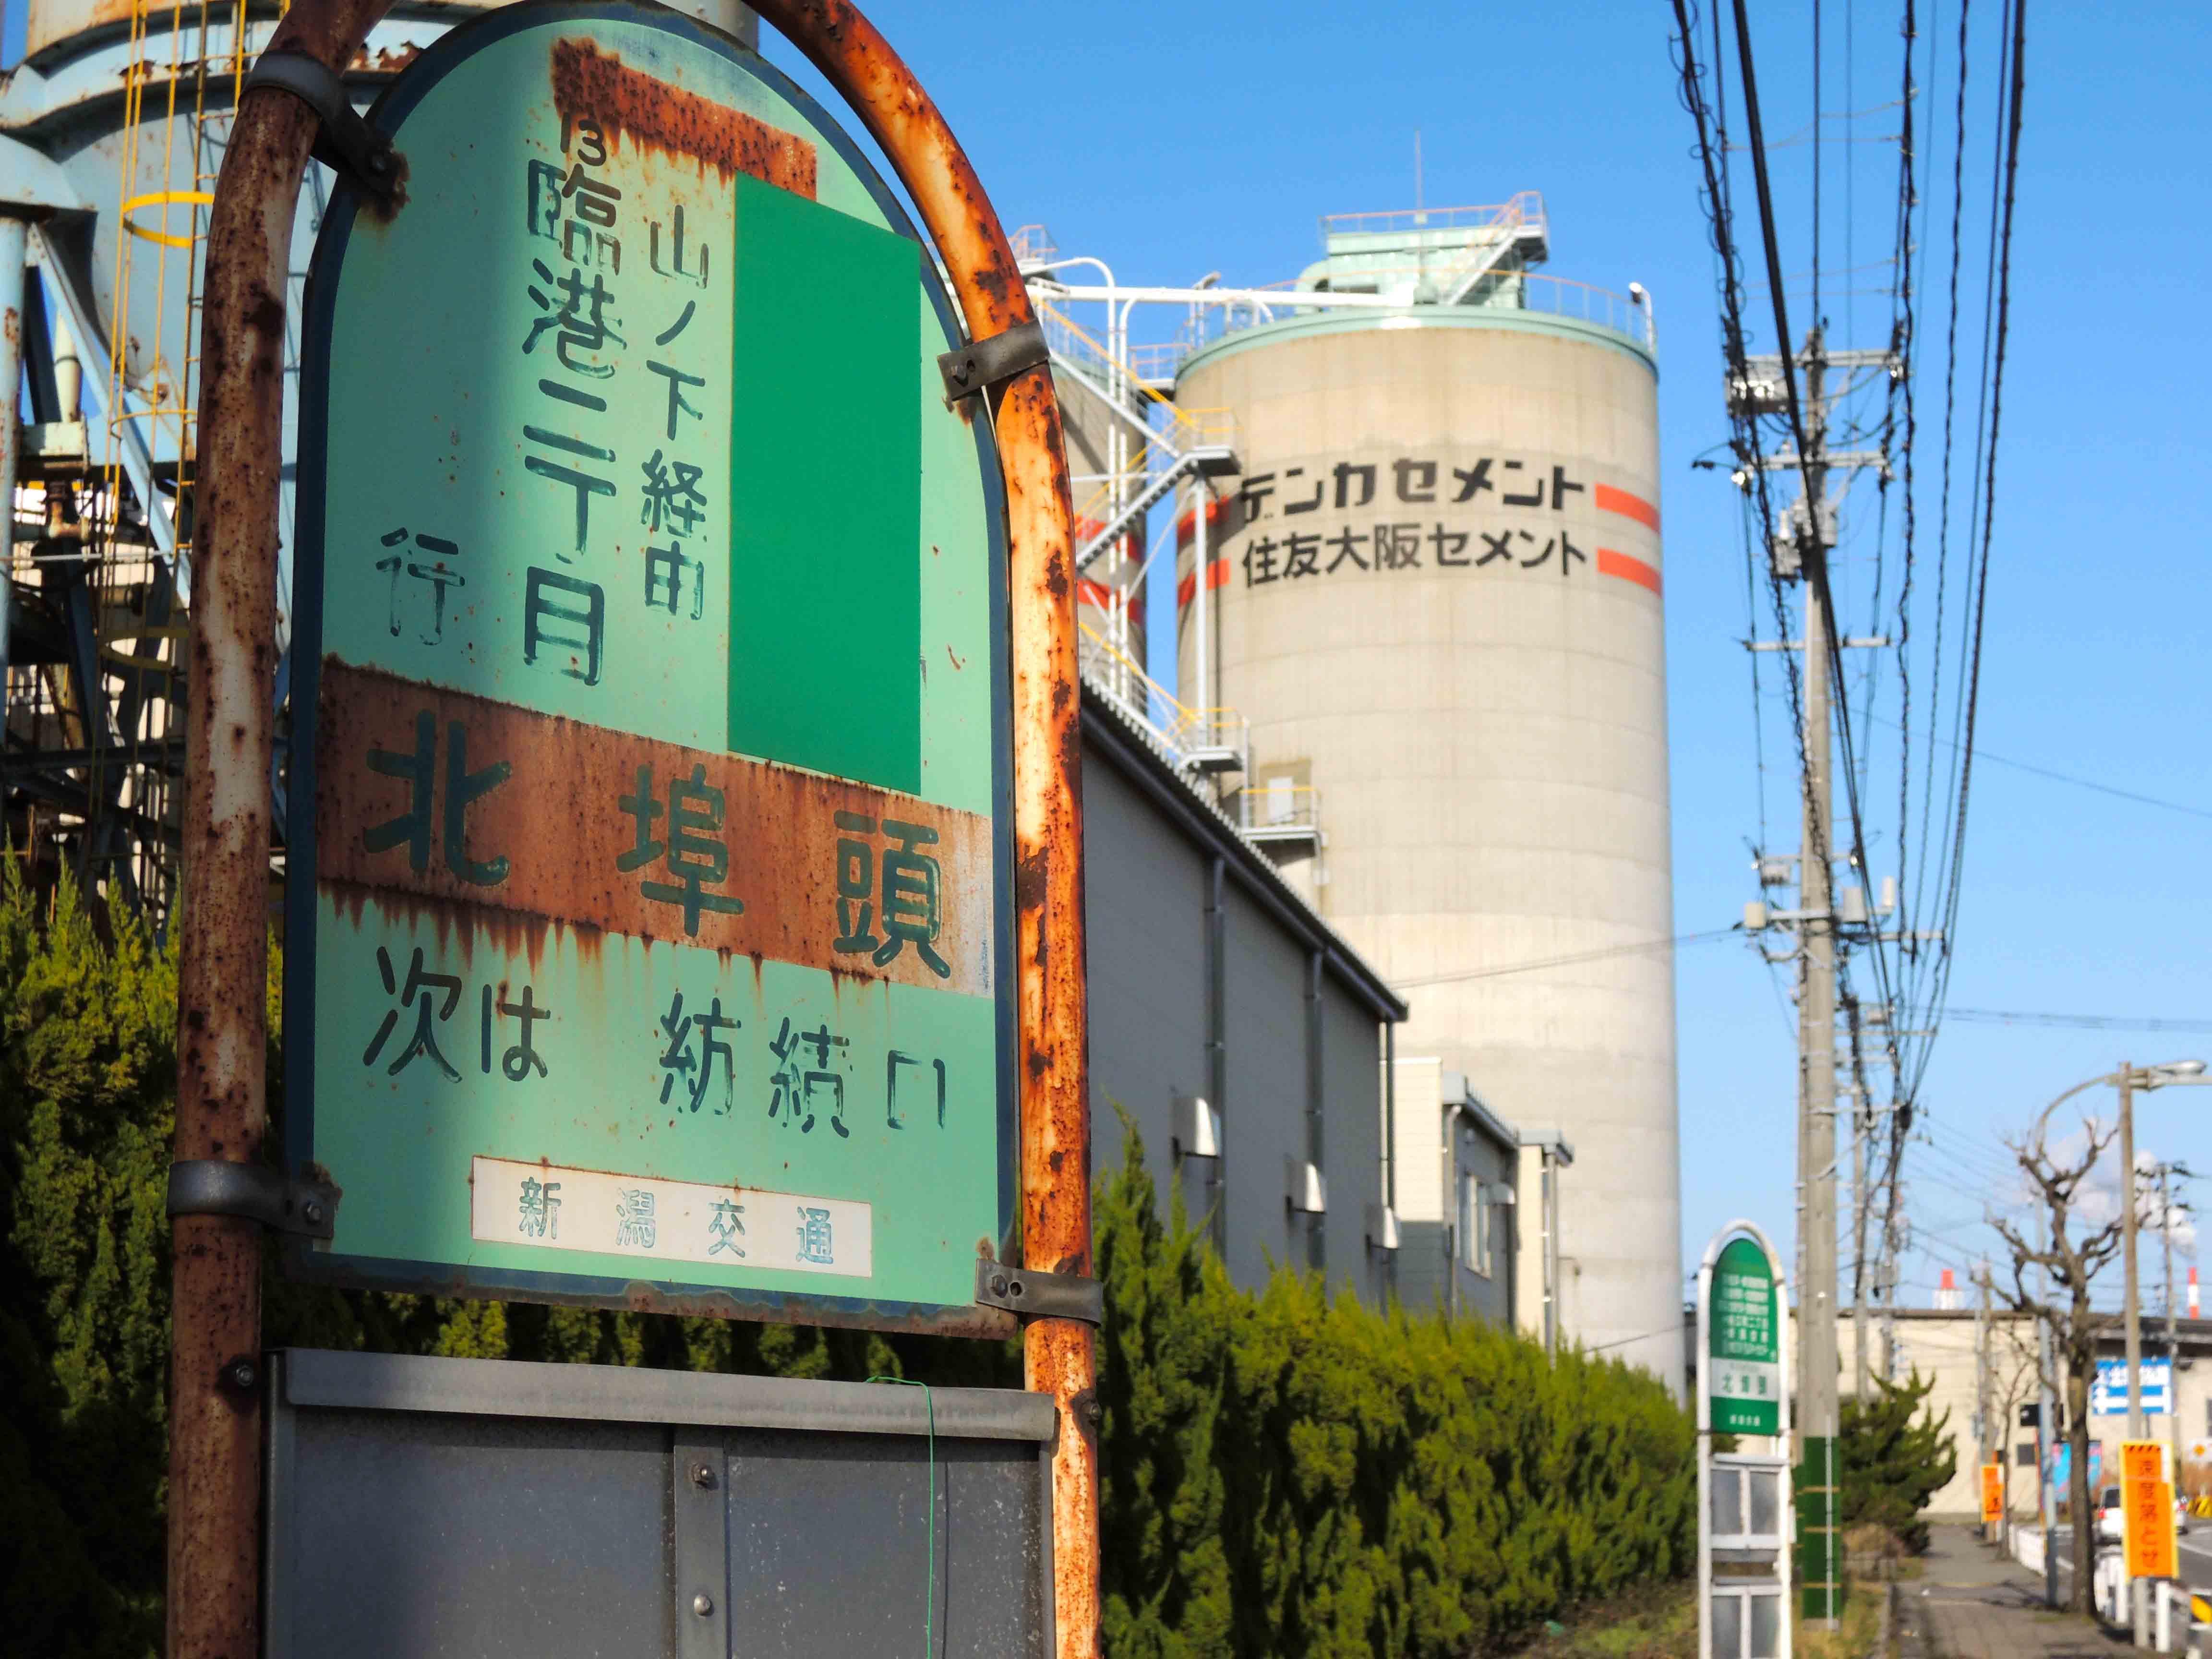 日本は丸ゴシック体の宝庫(3)・バス編_e0175918_0144921.jpg